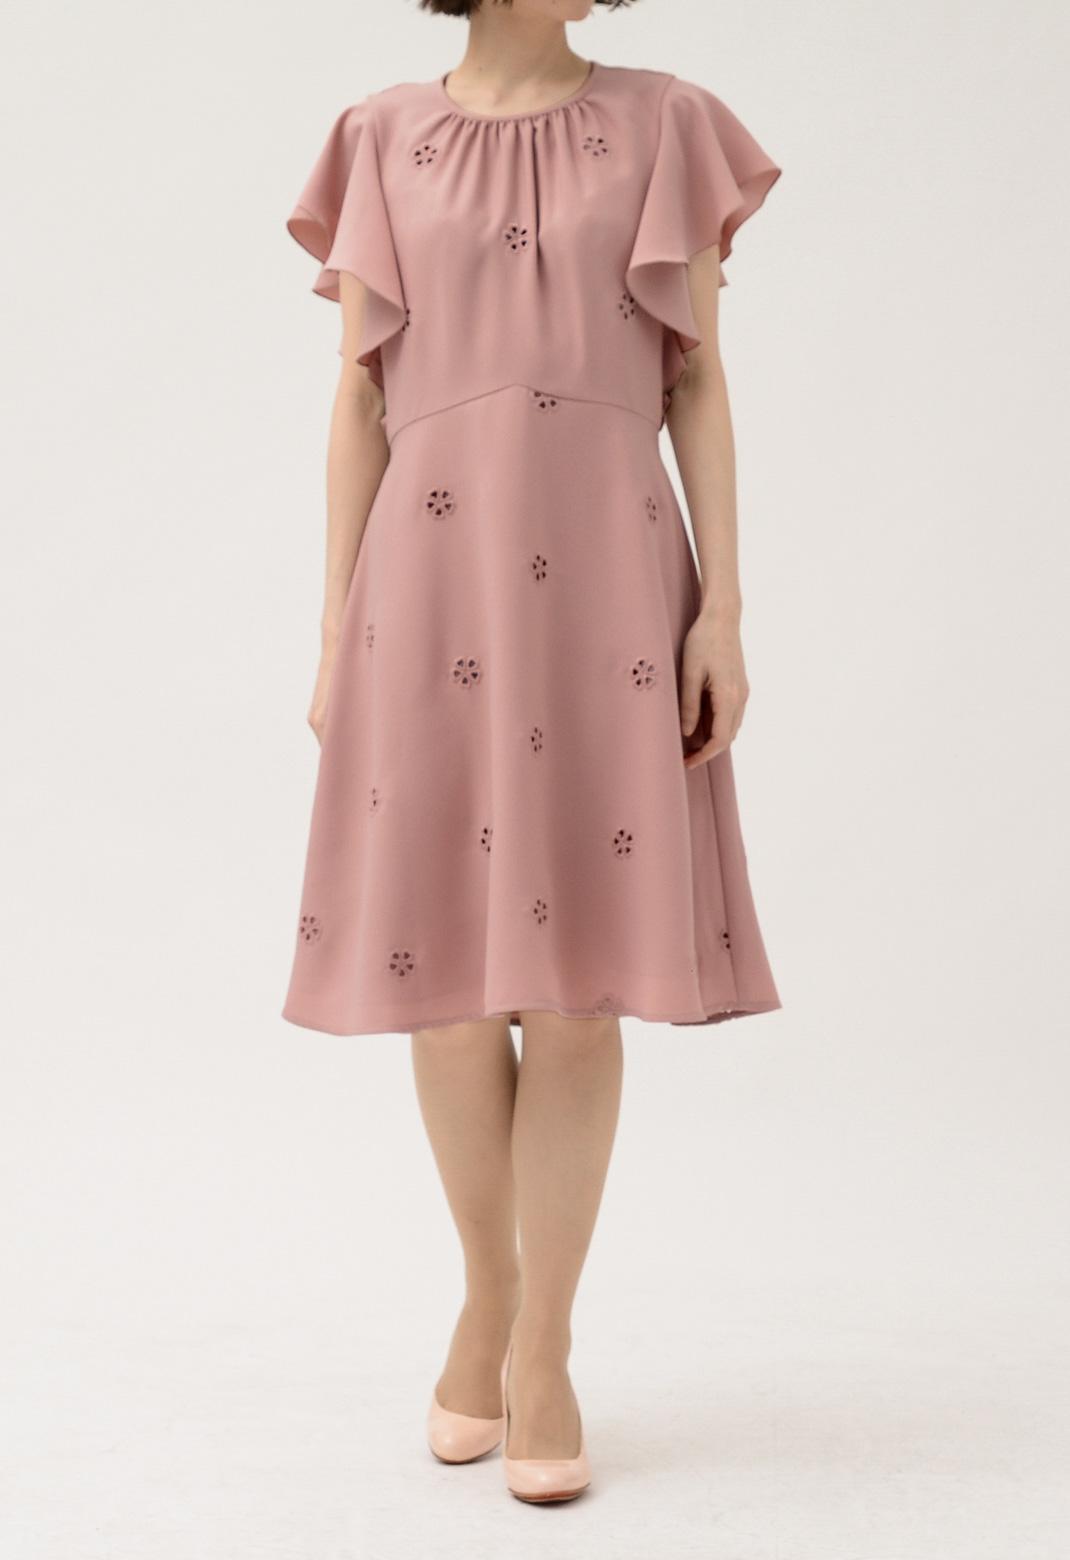 ケイトスペード フリル袖 花柄 アイレット 刺繍 ドレス